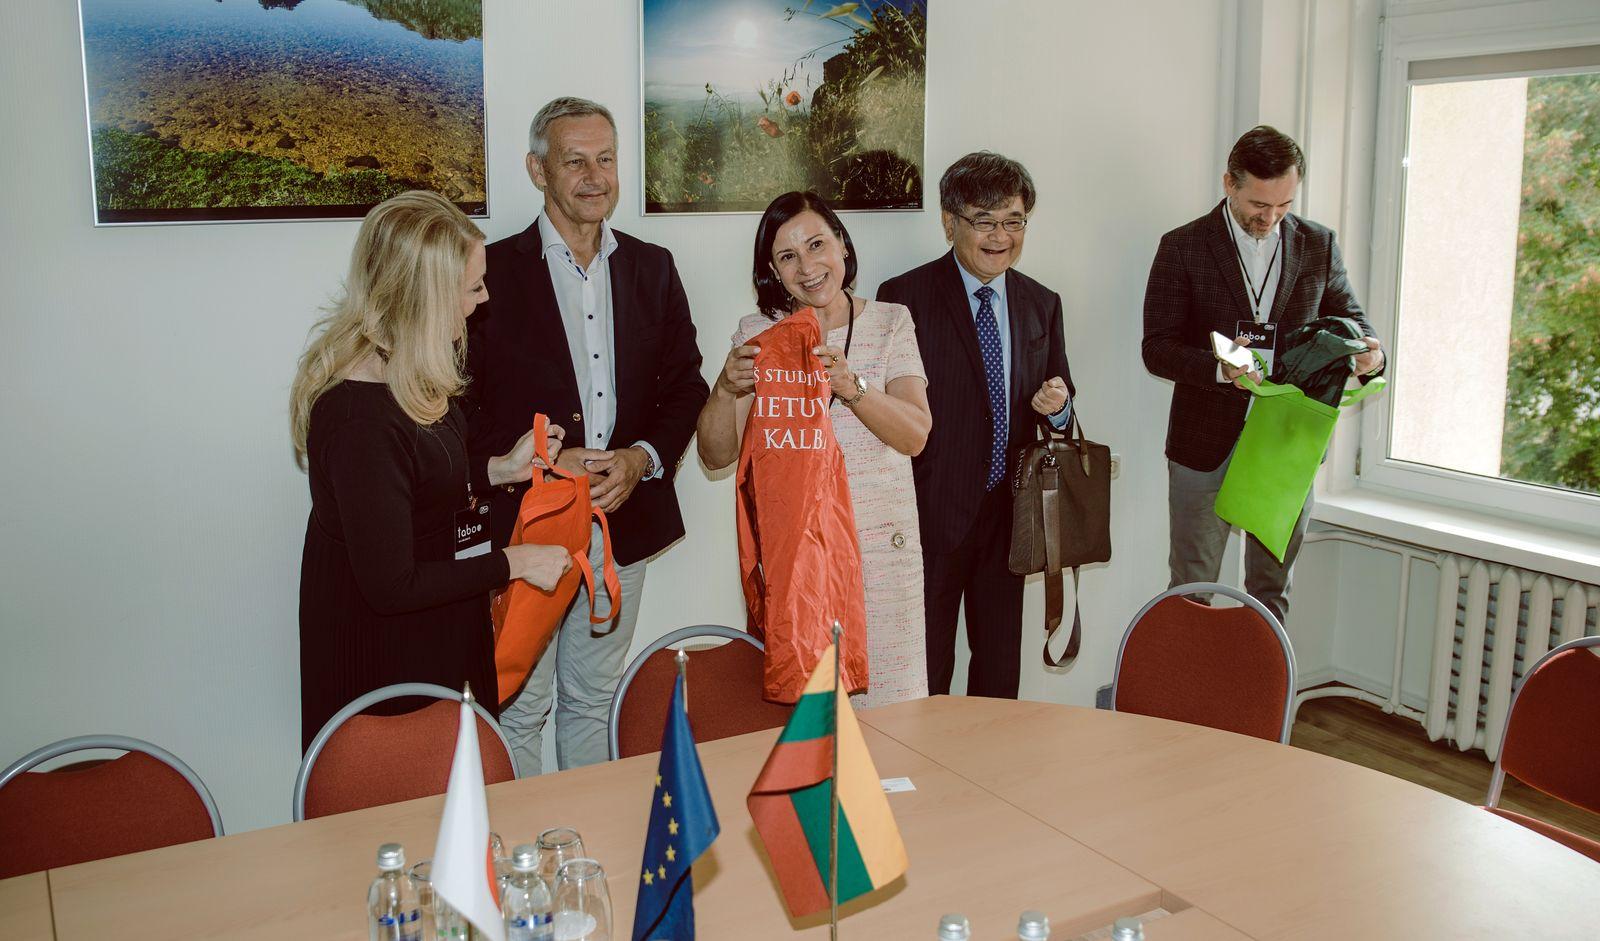 Lietuvių kalba išlaisvina užsieniečius studentus: lietuviškas knygas verčia net Japonijoje   VDU nuotr.